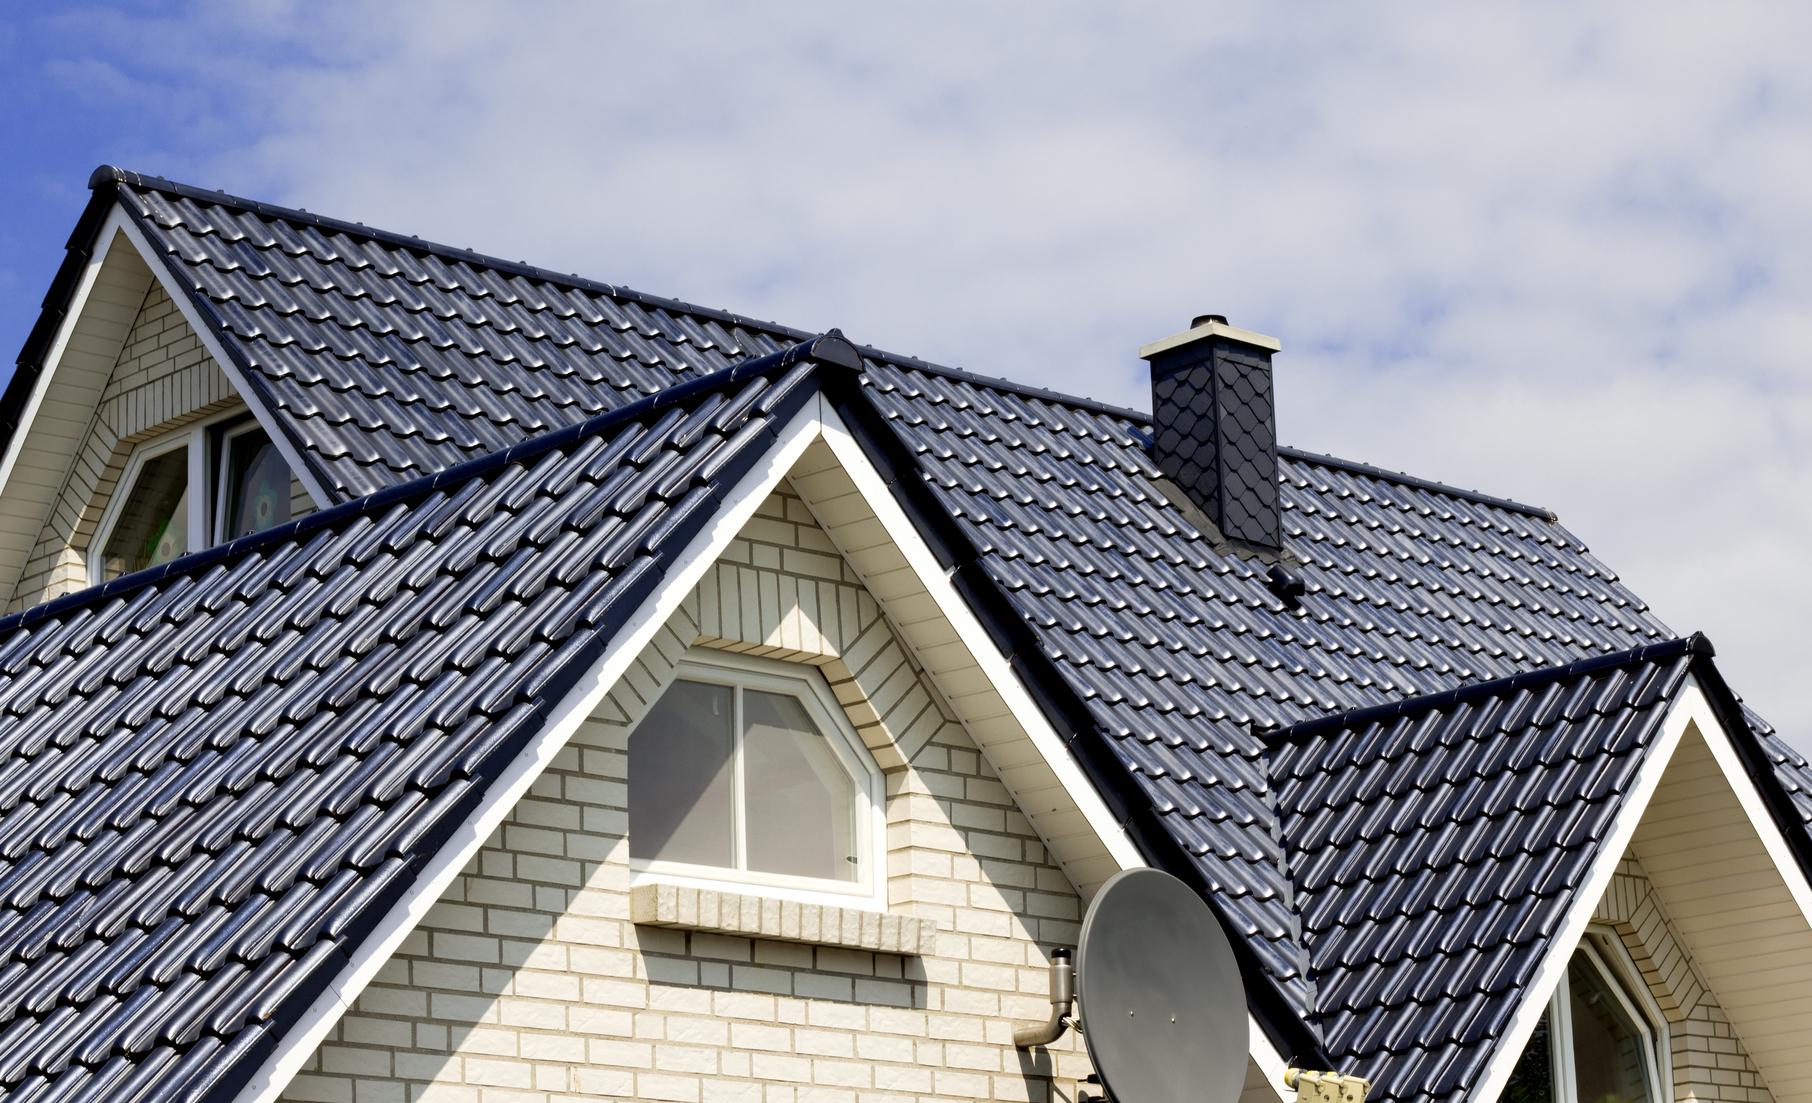 Dags att byta tak på villan? Här är våra tips!